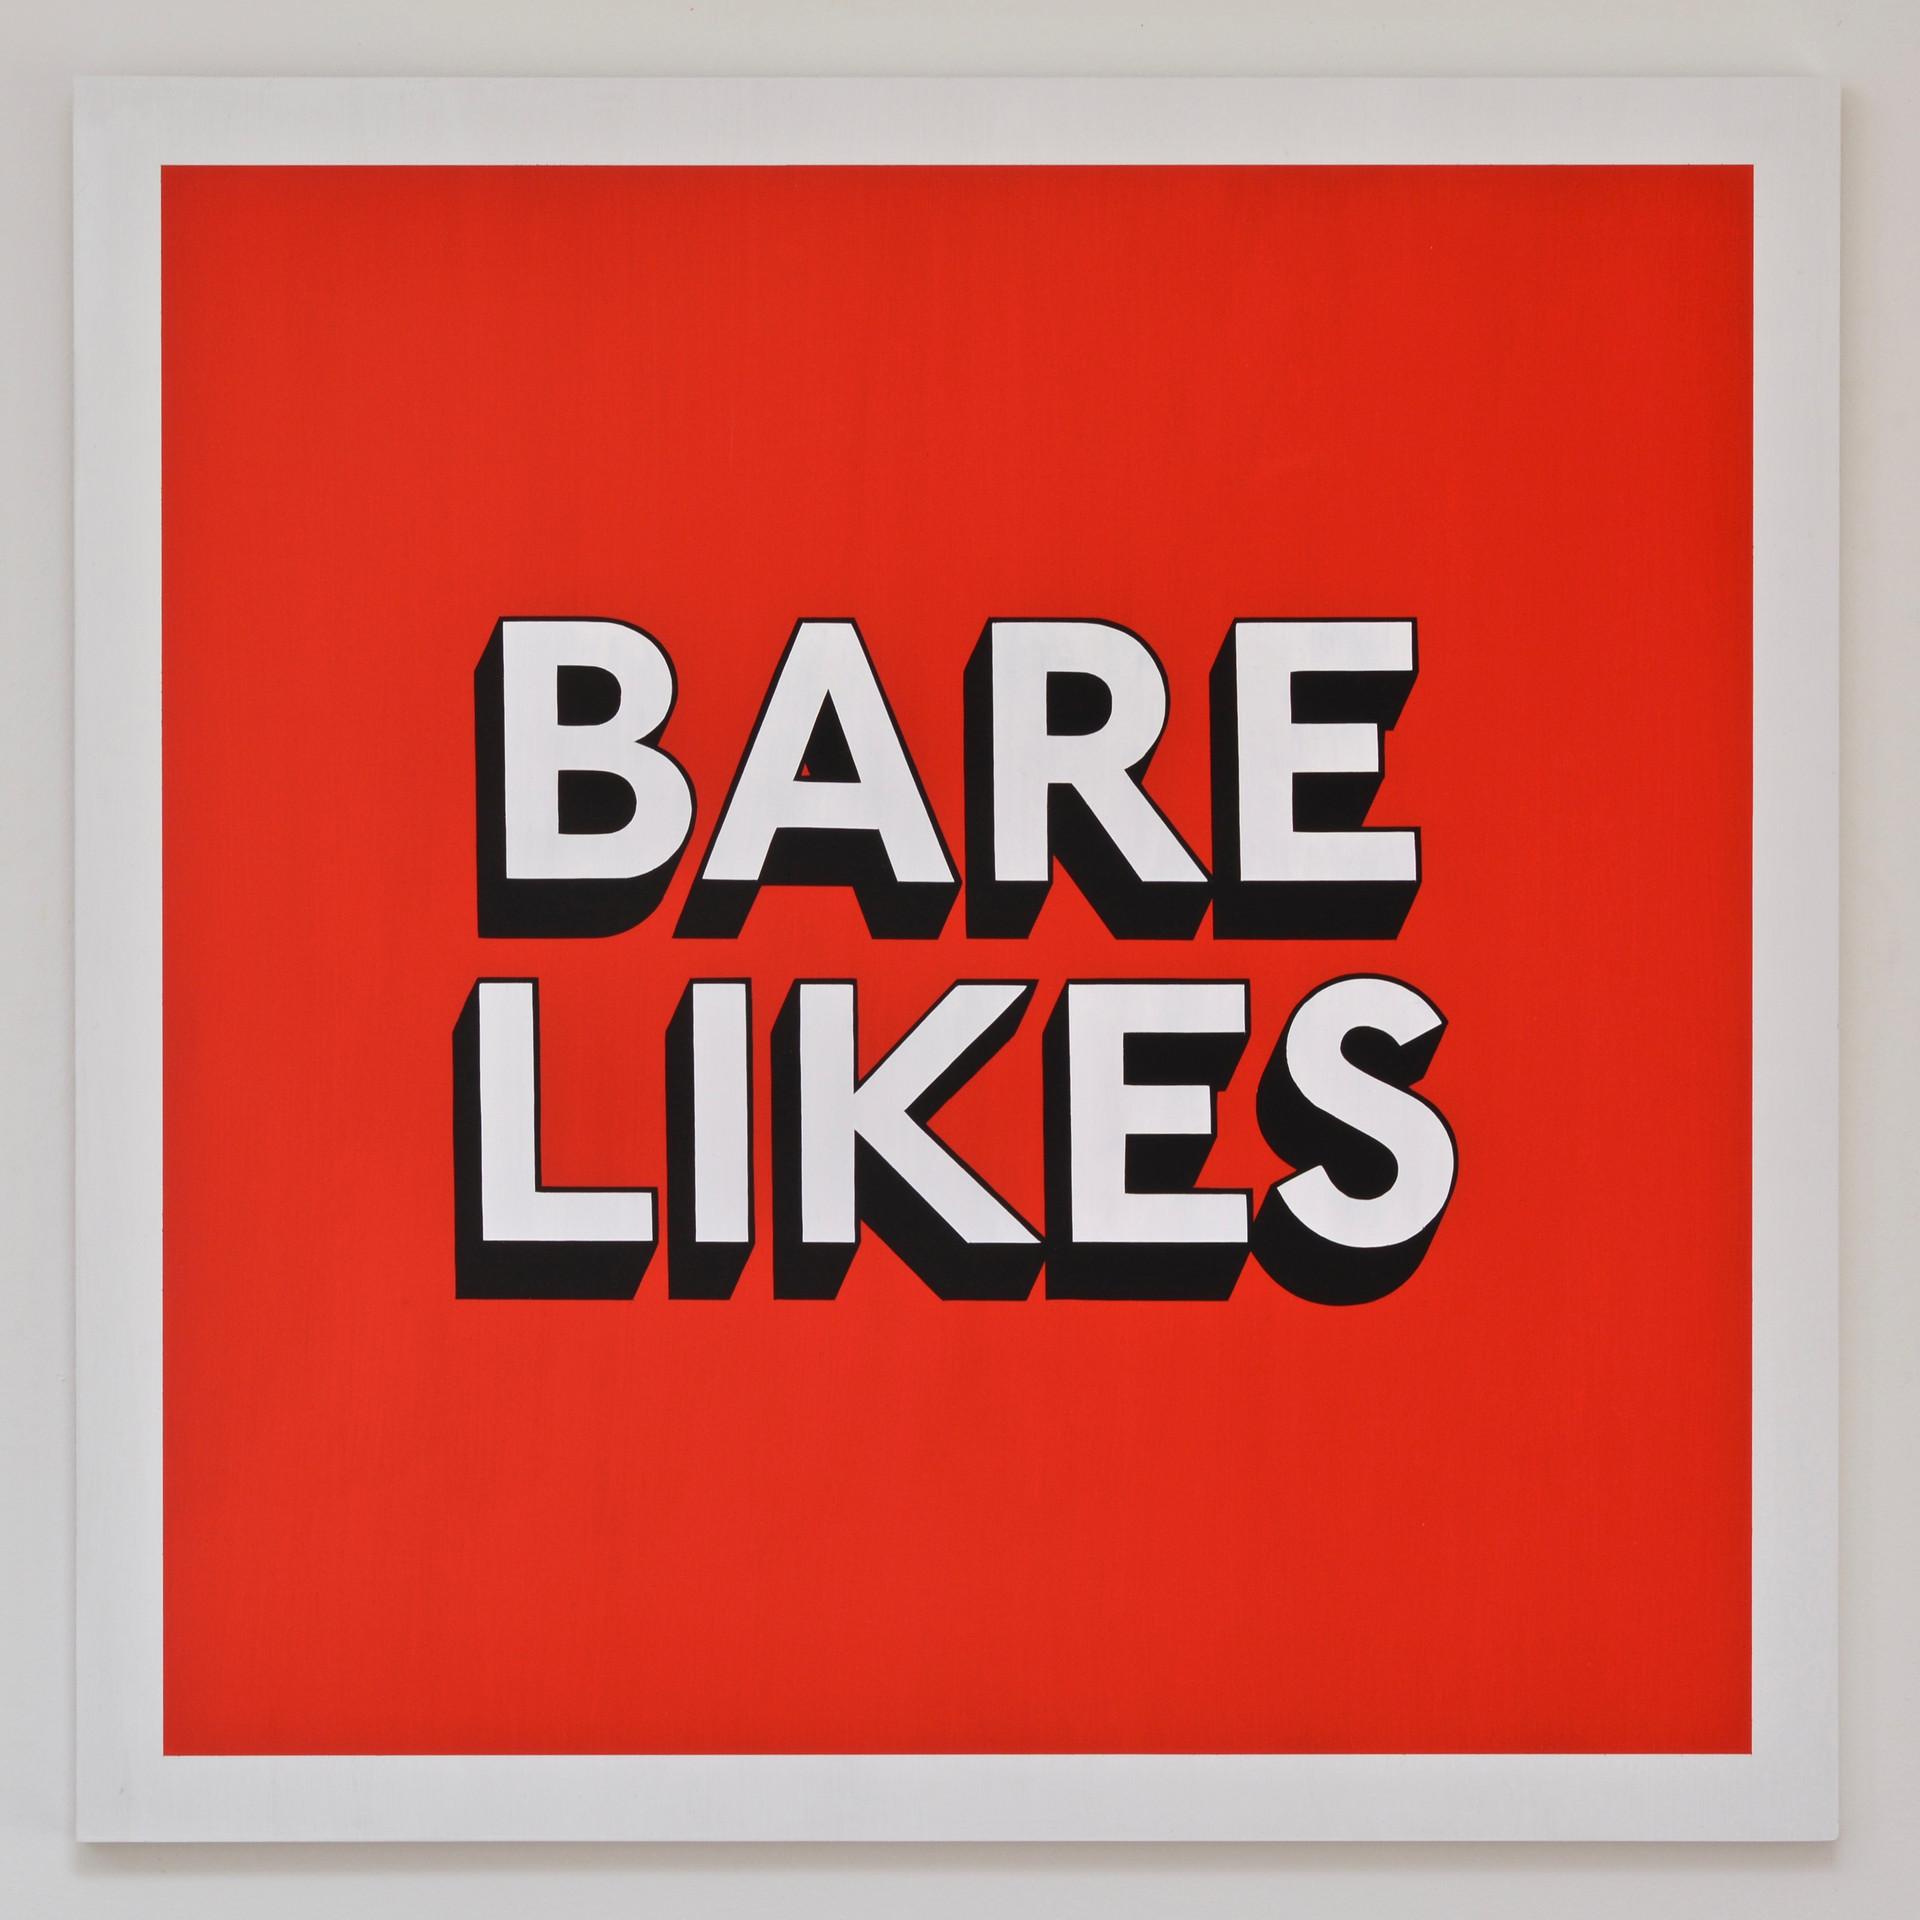 BARE_LIKES.jpg